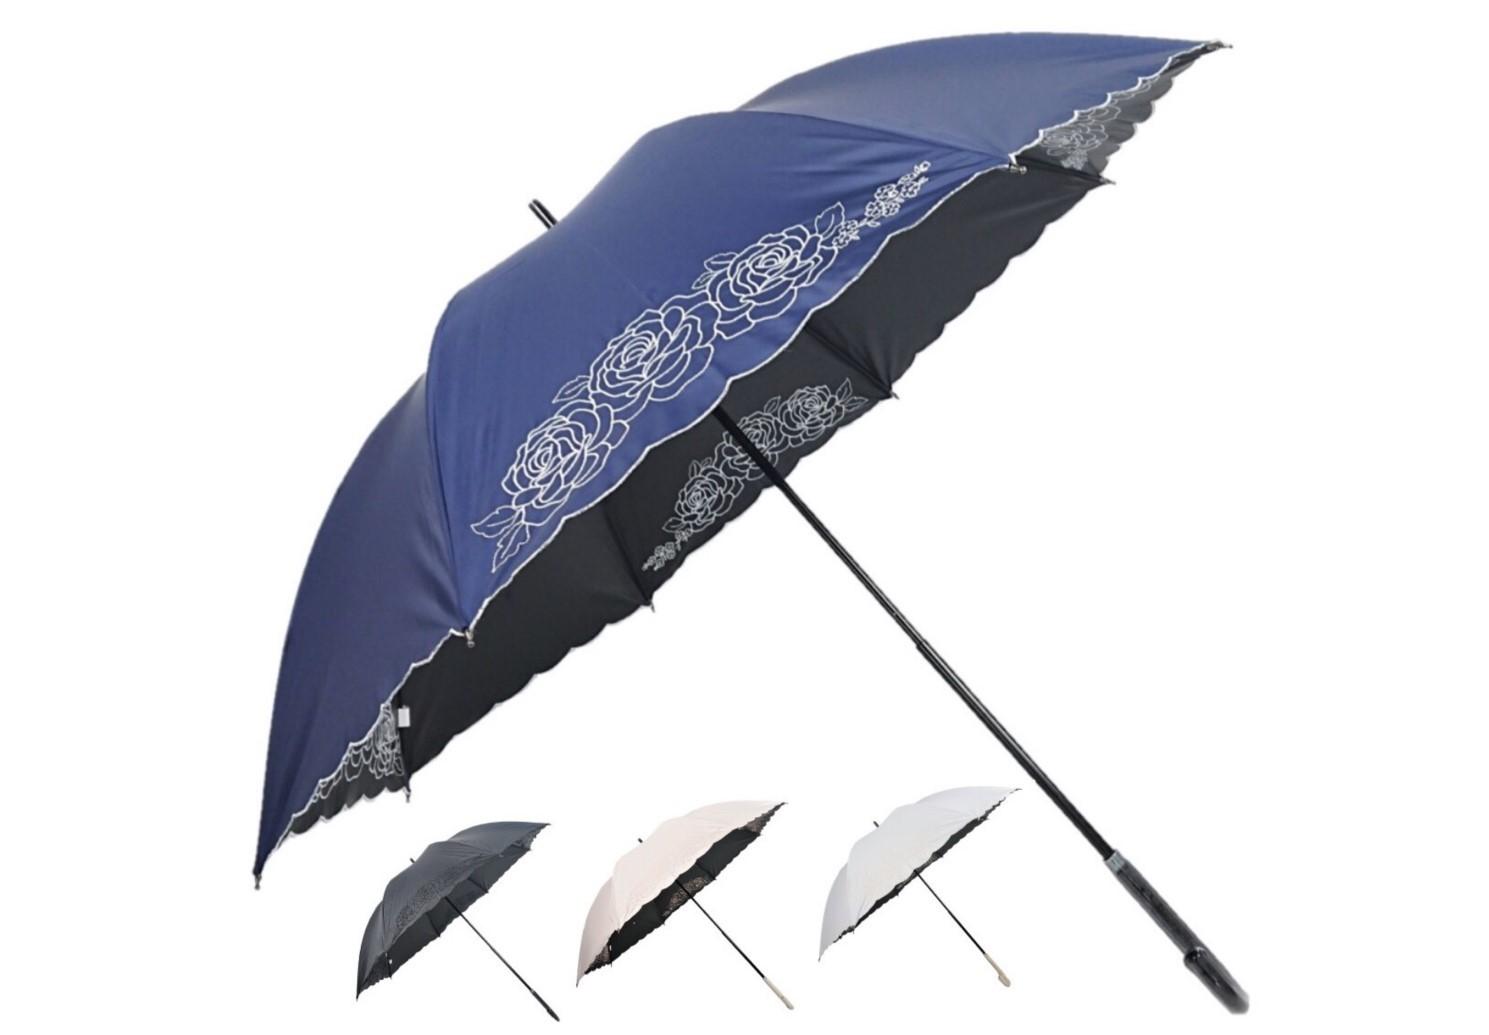 【送料無料】スライドショート傘 長傘 50cm 遮光率99.99%以上 一級遮光・遮熱 晴雨兼用傘 半駒3輪バラ刺繍ブラック・ネイビー・ピンク・オフレディース傘/遮光/遮熱/日傘/傘/晴雨兼用/パラソル/婦人/UV対策